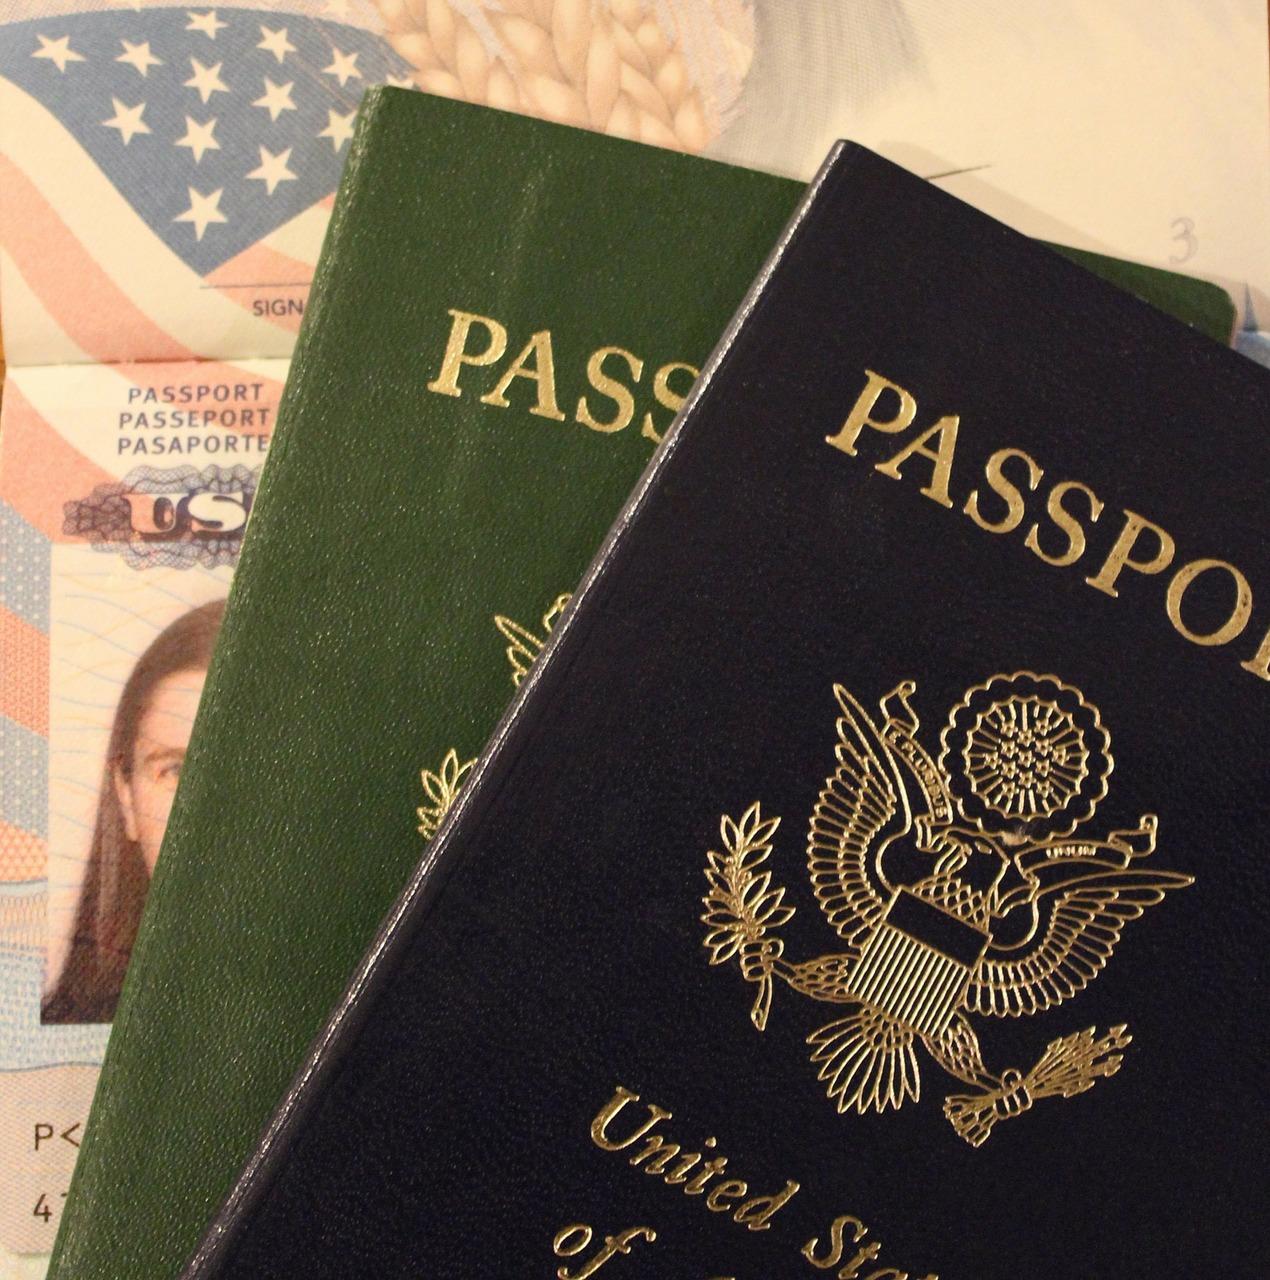 Passport | © Pixabay